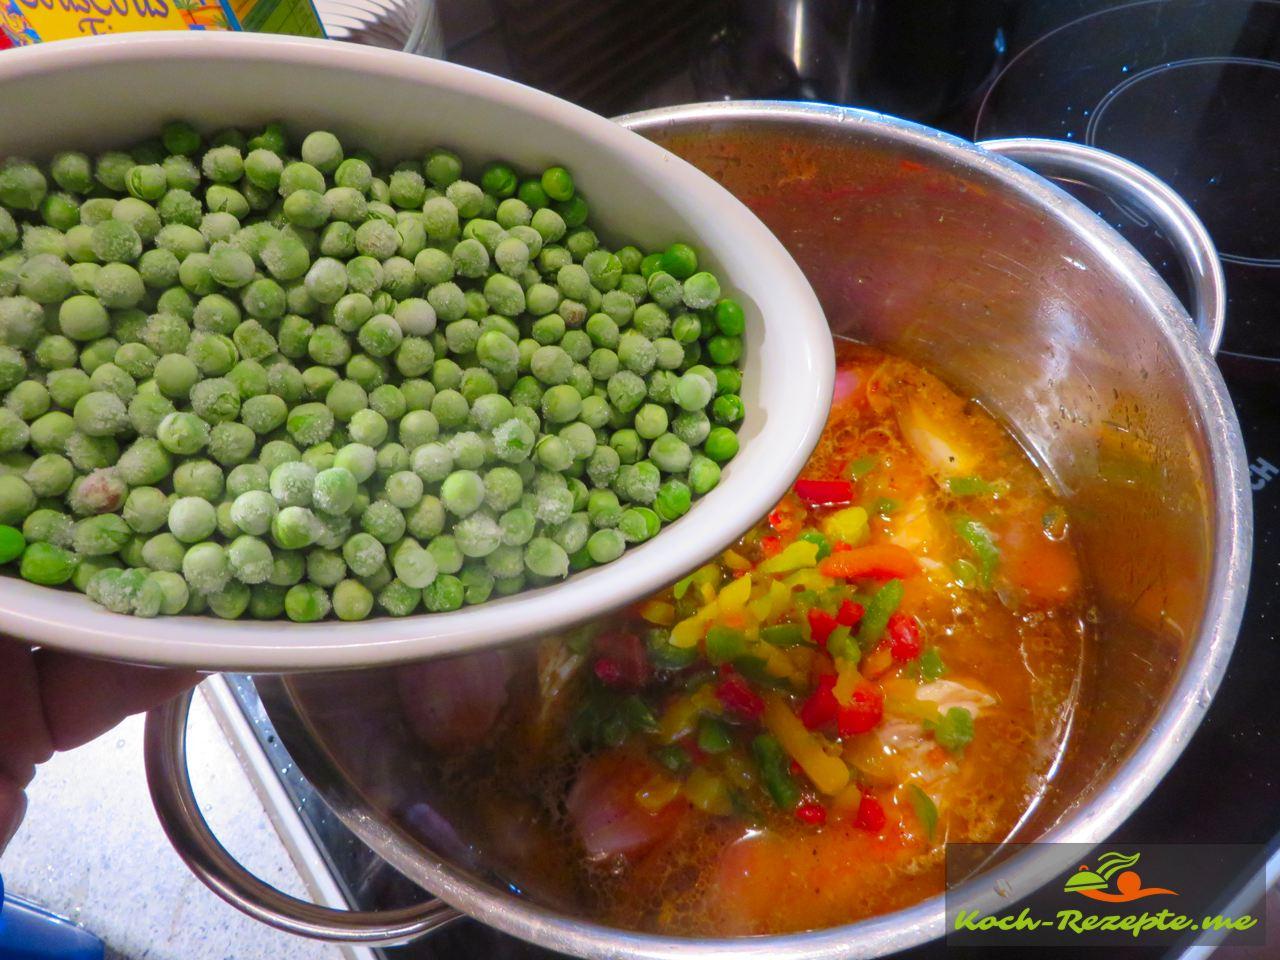 Jetzt kommen die Ebsen, Paprika und Champignons dazu für 10 Minuten mitkochen, Rezept Couscous Huhn Garnelen aus der schnellen französischen Küche.